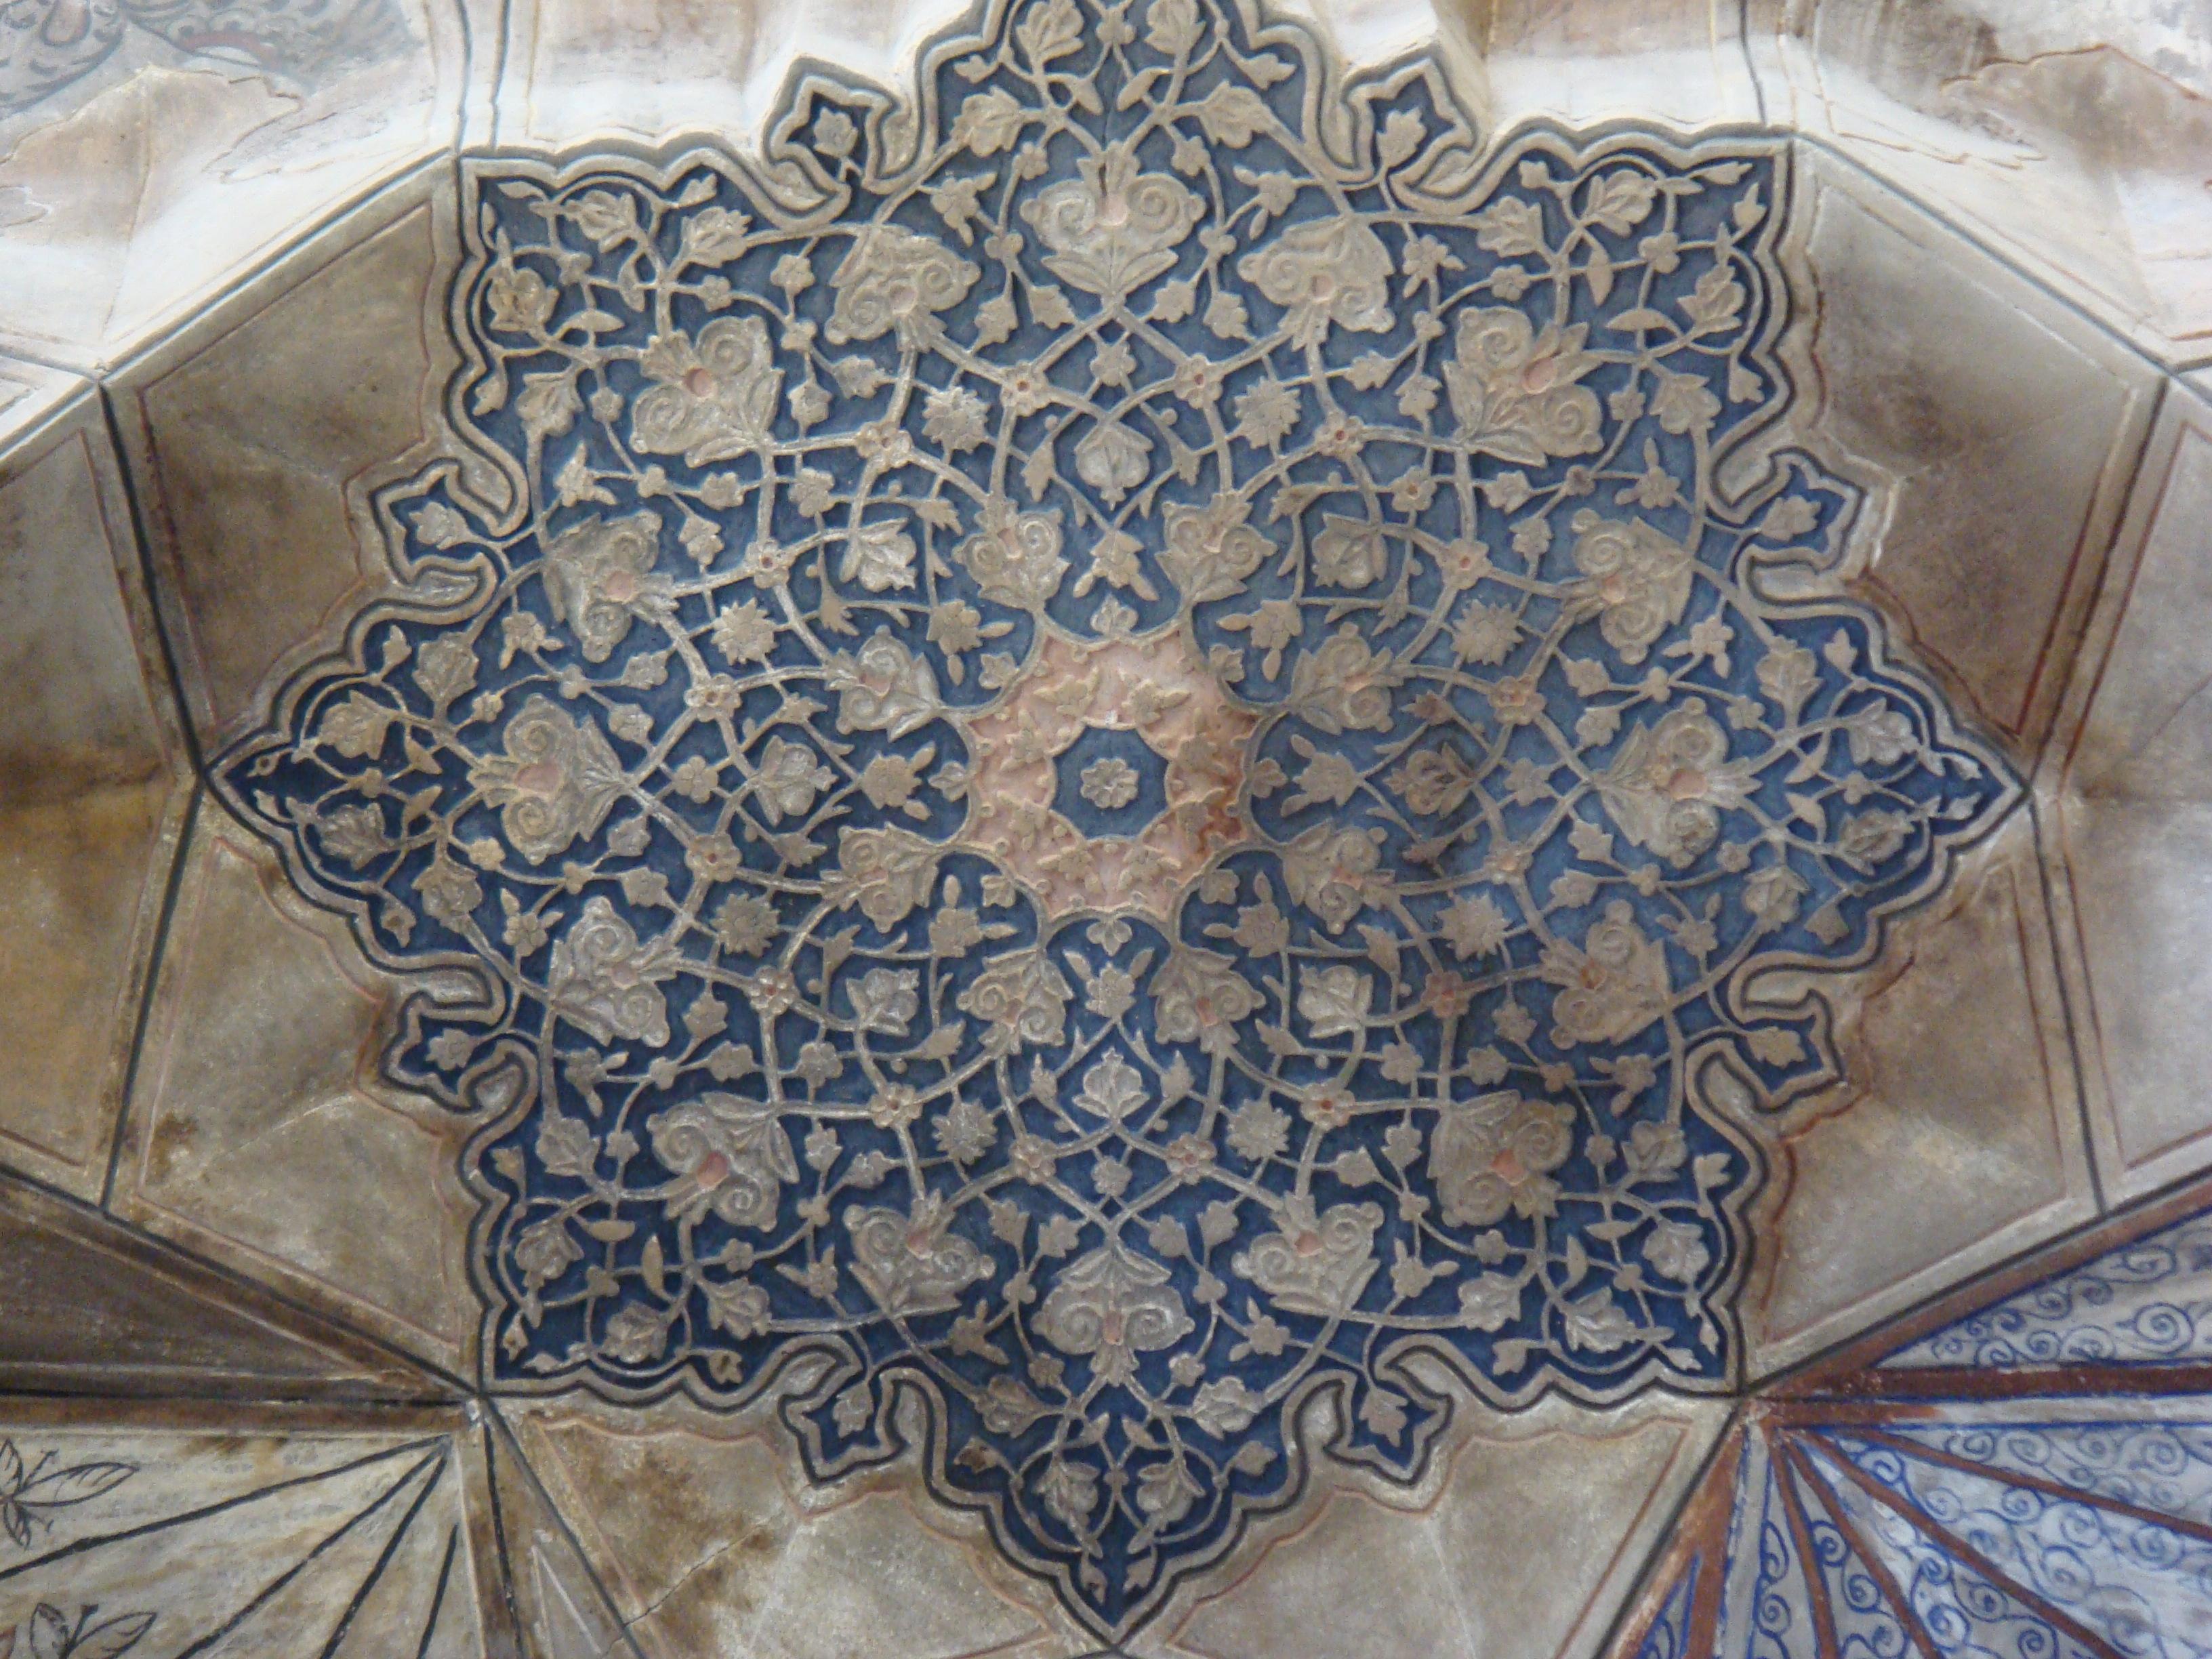 سر در حمام گنجعلی خان، بازار کرمان